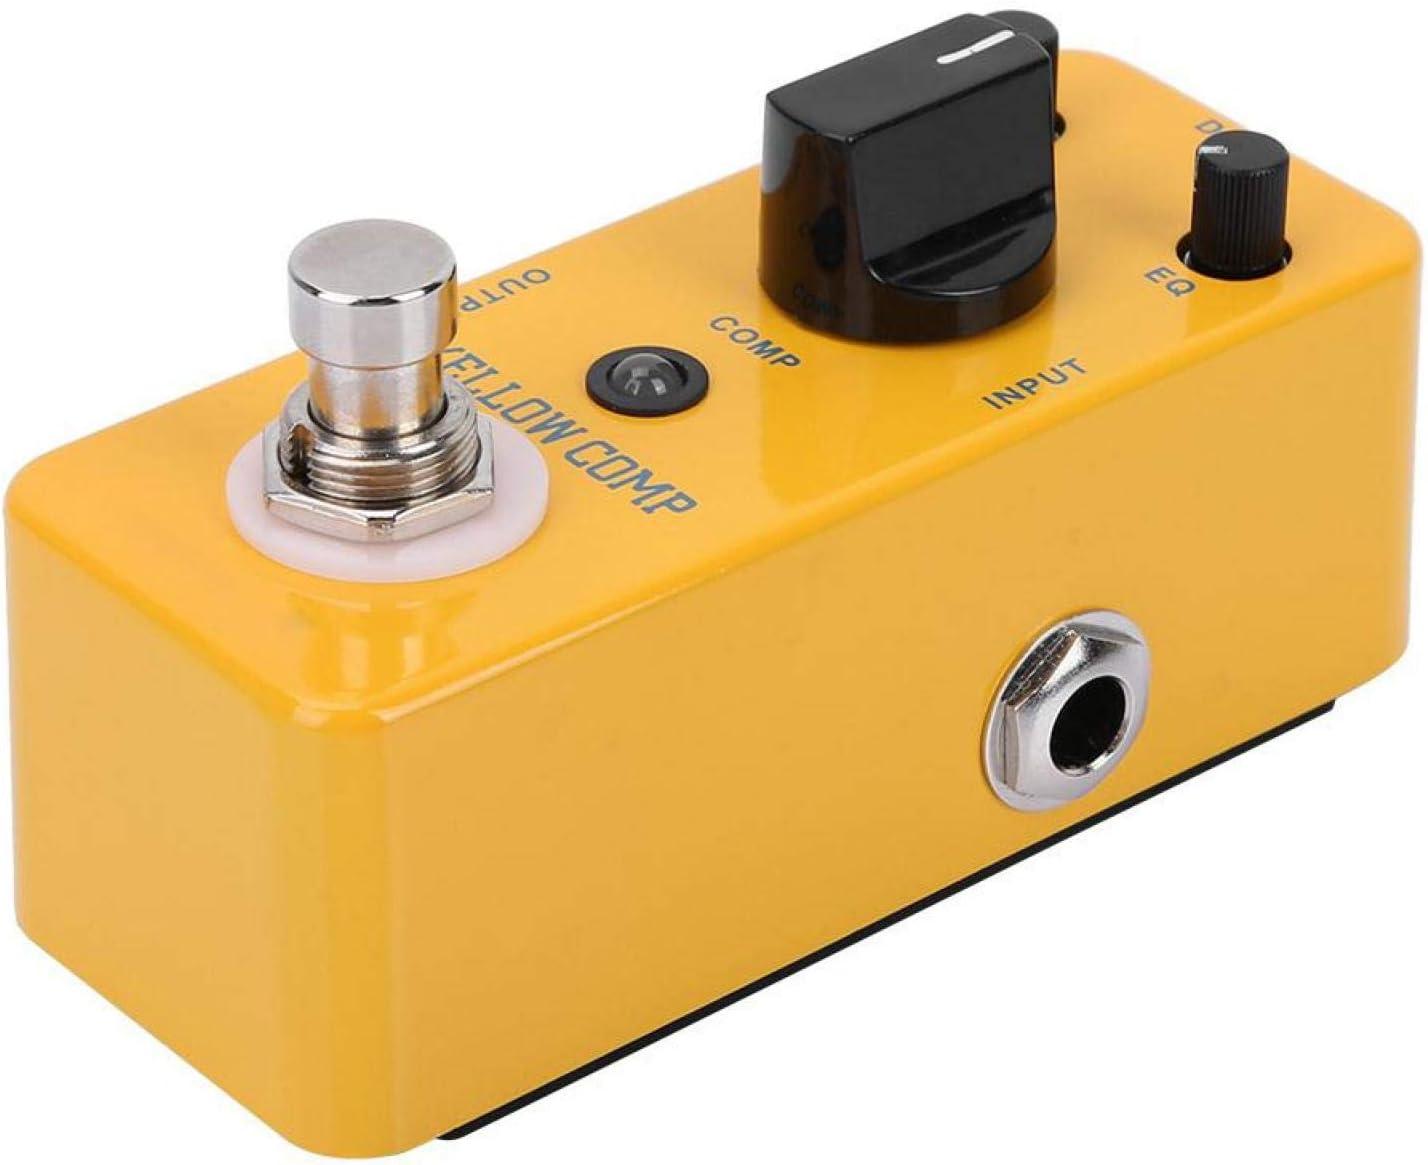 Efecto de guitarra Yellow Comp Práctico efecto de guitarra de compresor profesional para principiantes de guitarra